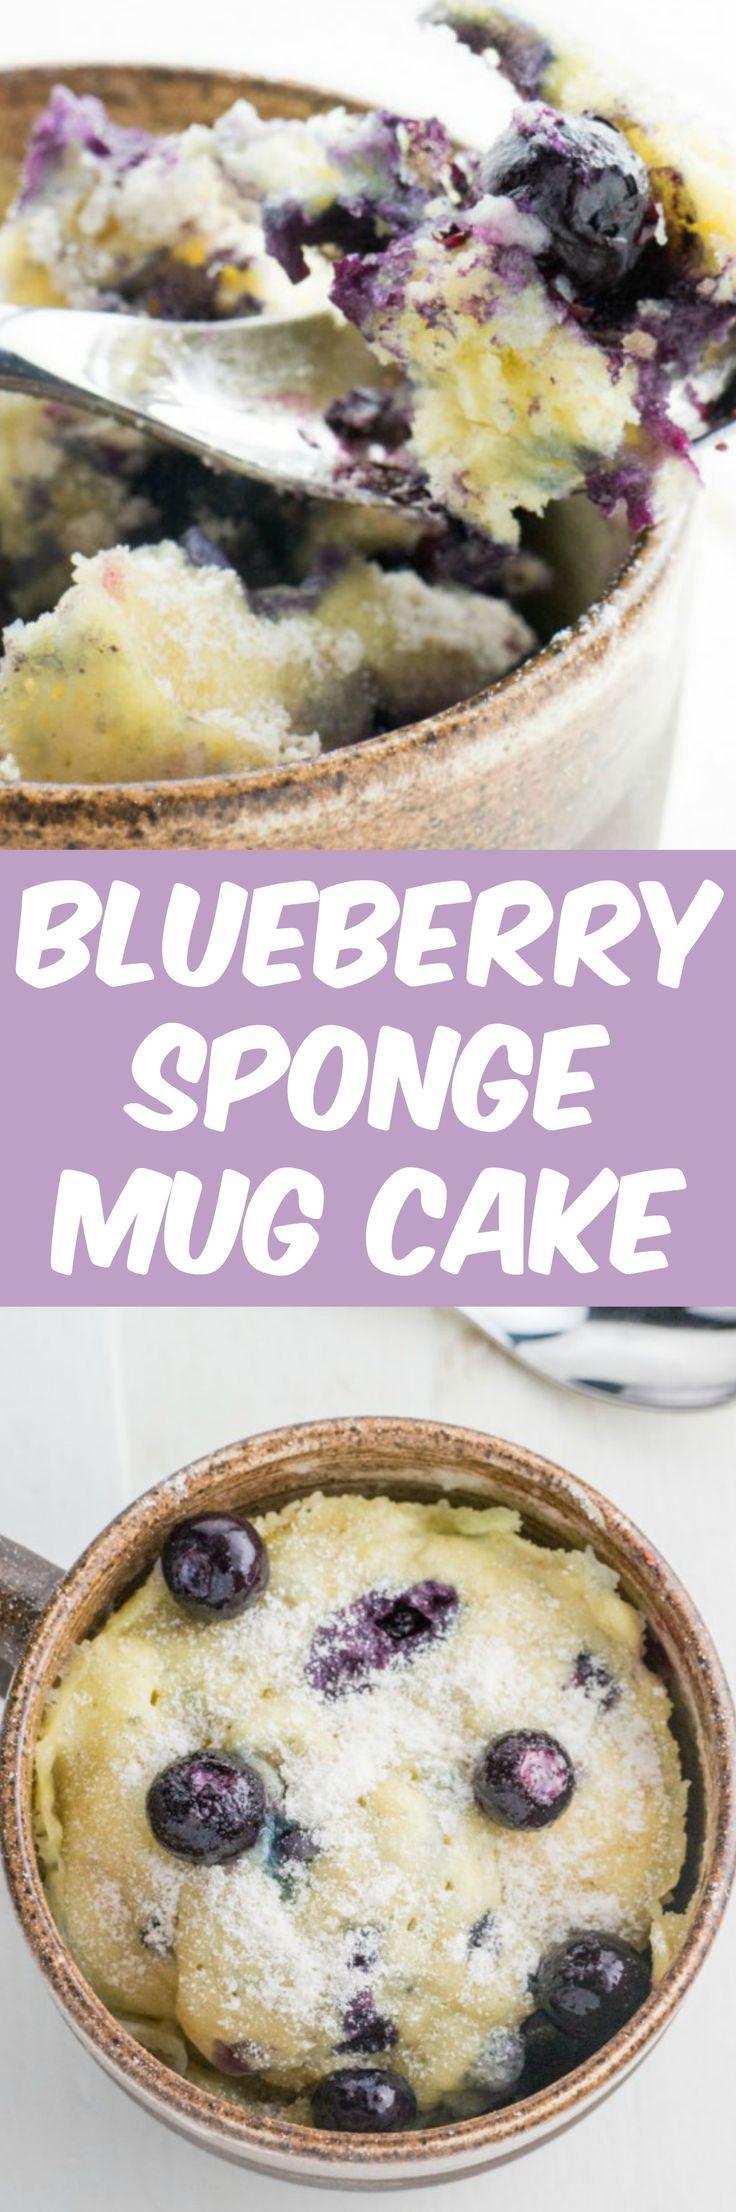 Blueberry sponge cake in a mug recipe mug recipes